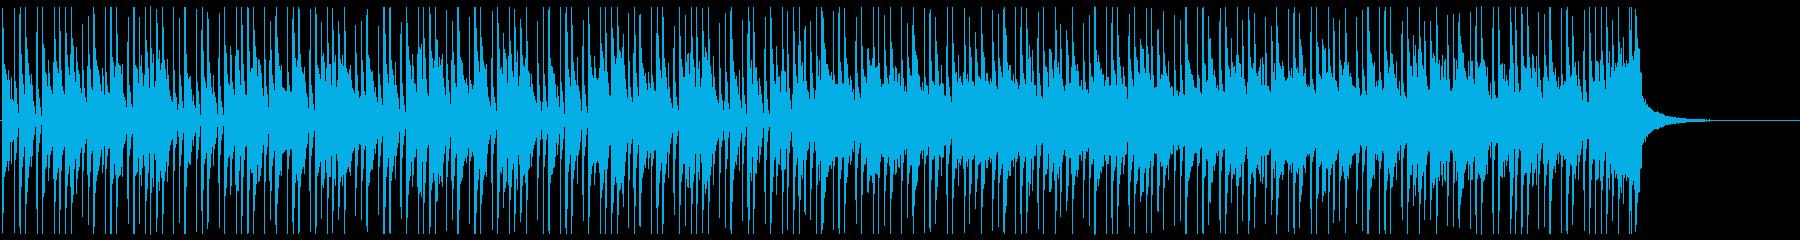 レトロなシンセが心地よい音楽の再生済みの波形